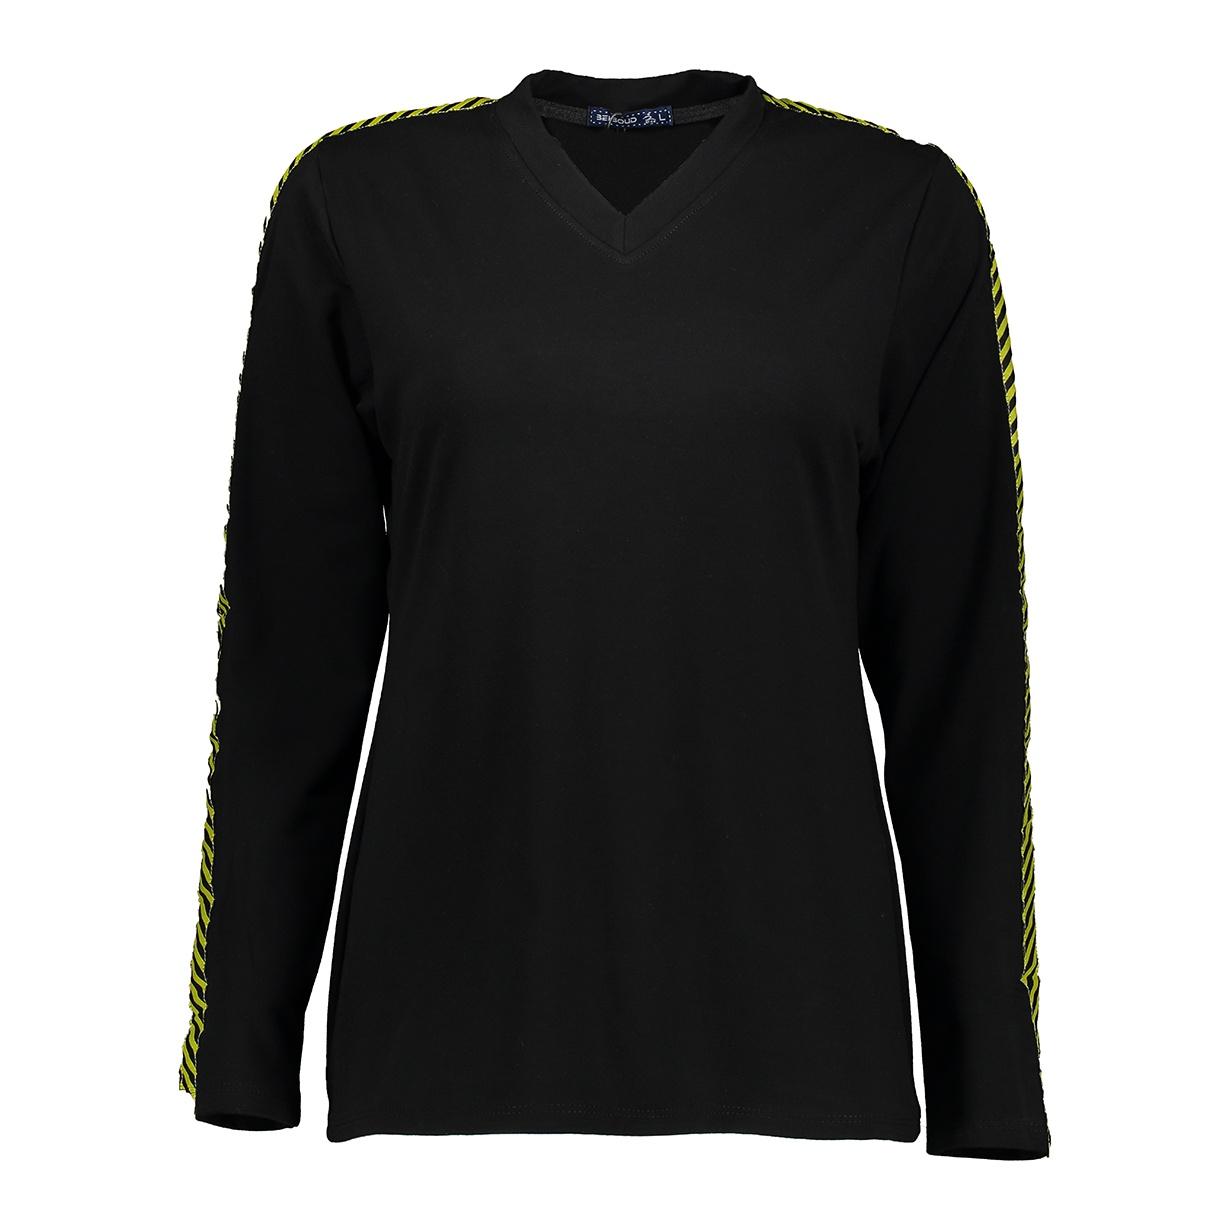 تی شرت زنانه بهبود مدل 1661151-99